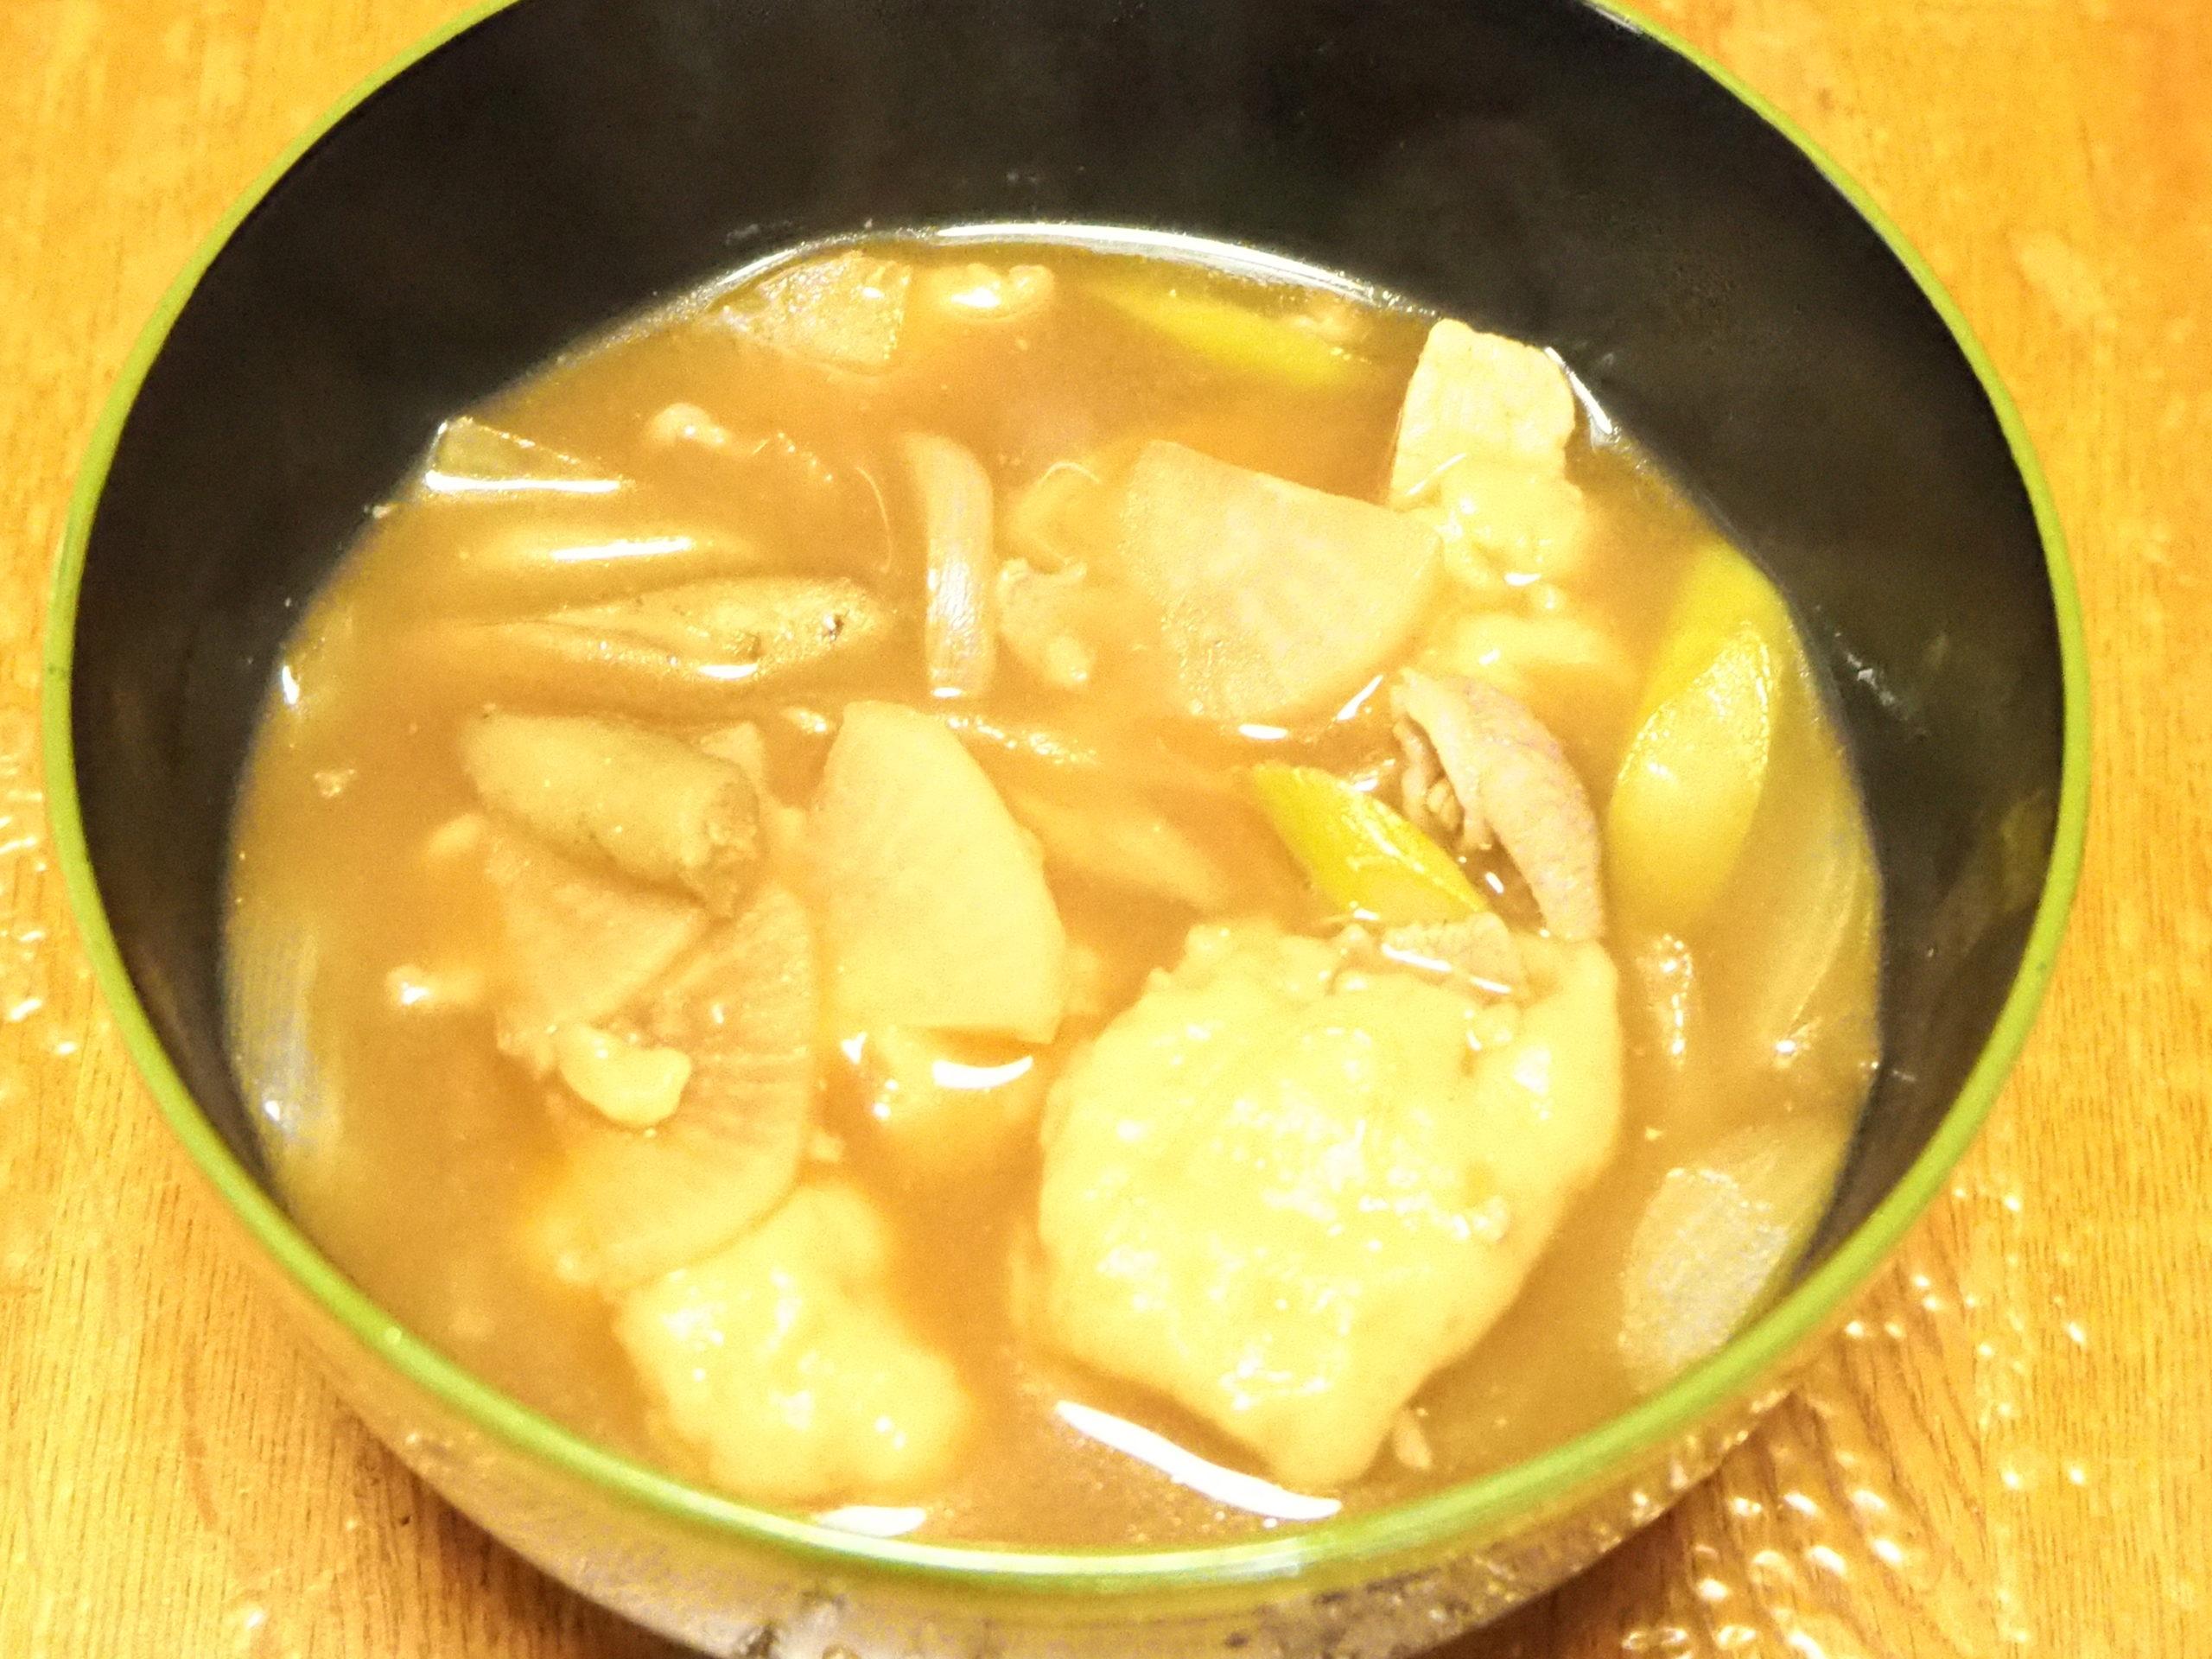 キリブチ製麺 まぜまぜカップシリーズ 完成